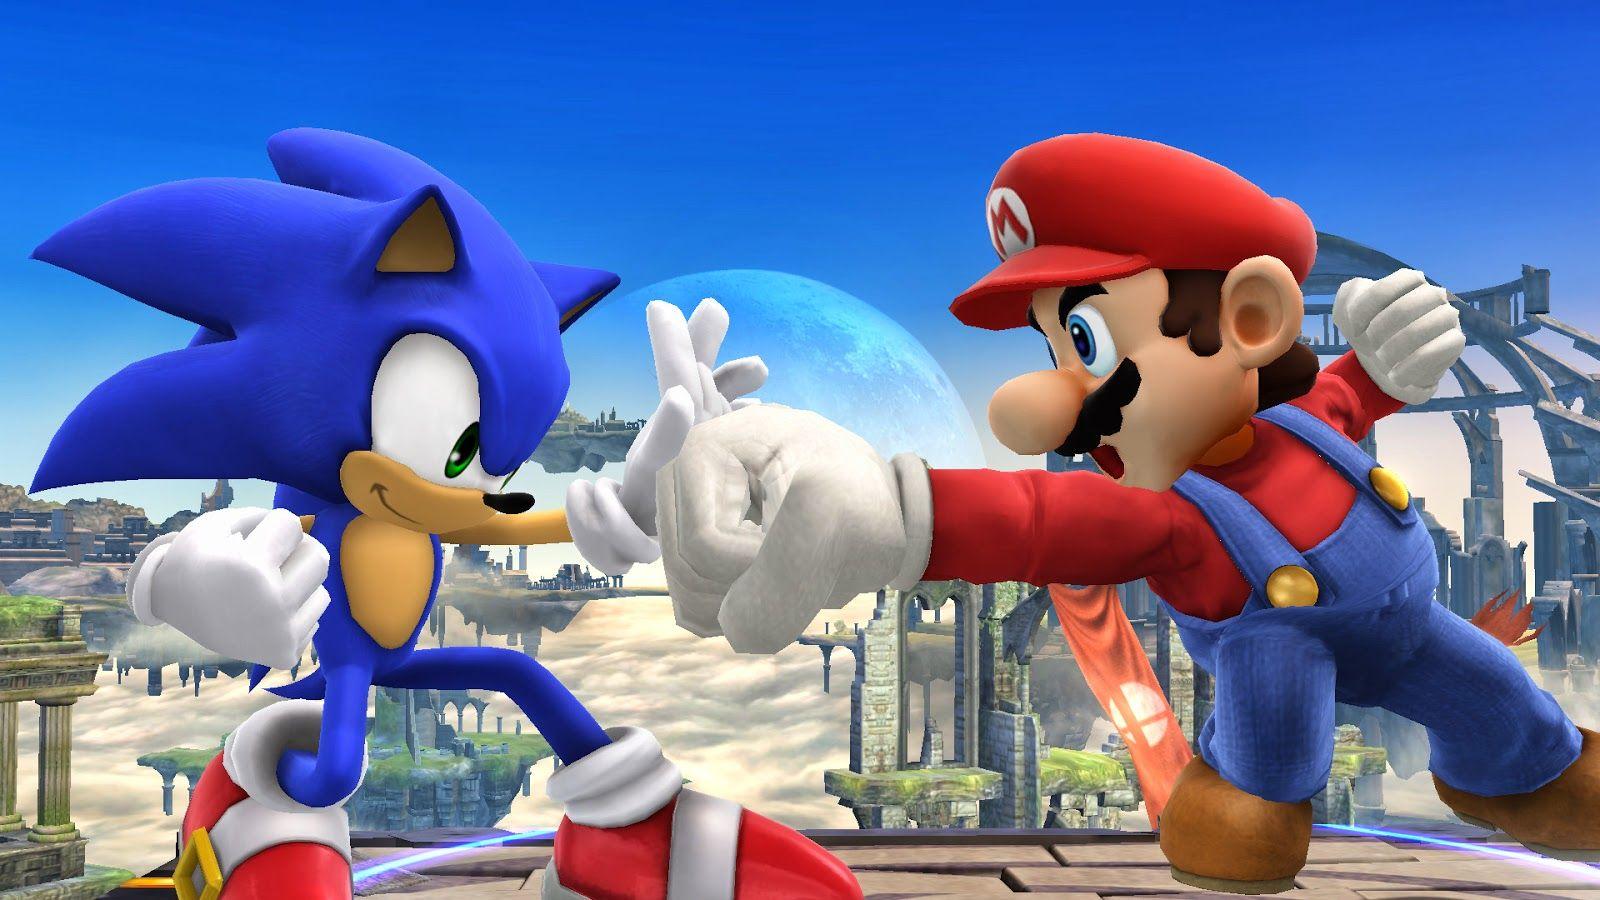 Super Smash Bros. non è un picchiaduro classico e le sue meccaniche, a volte molto complicate, potrebbero scoraggiare i giocatori abituati a gameplay più classici come ad esempio quelli di titoli c...